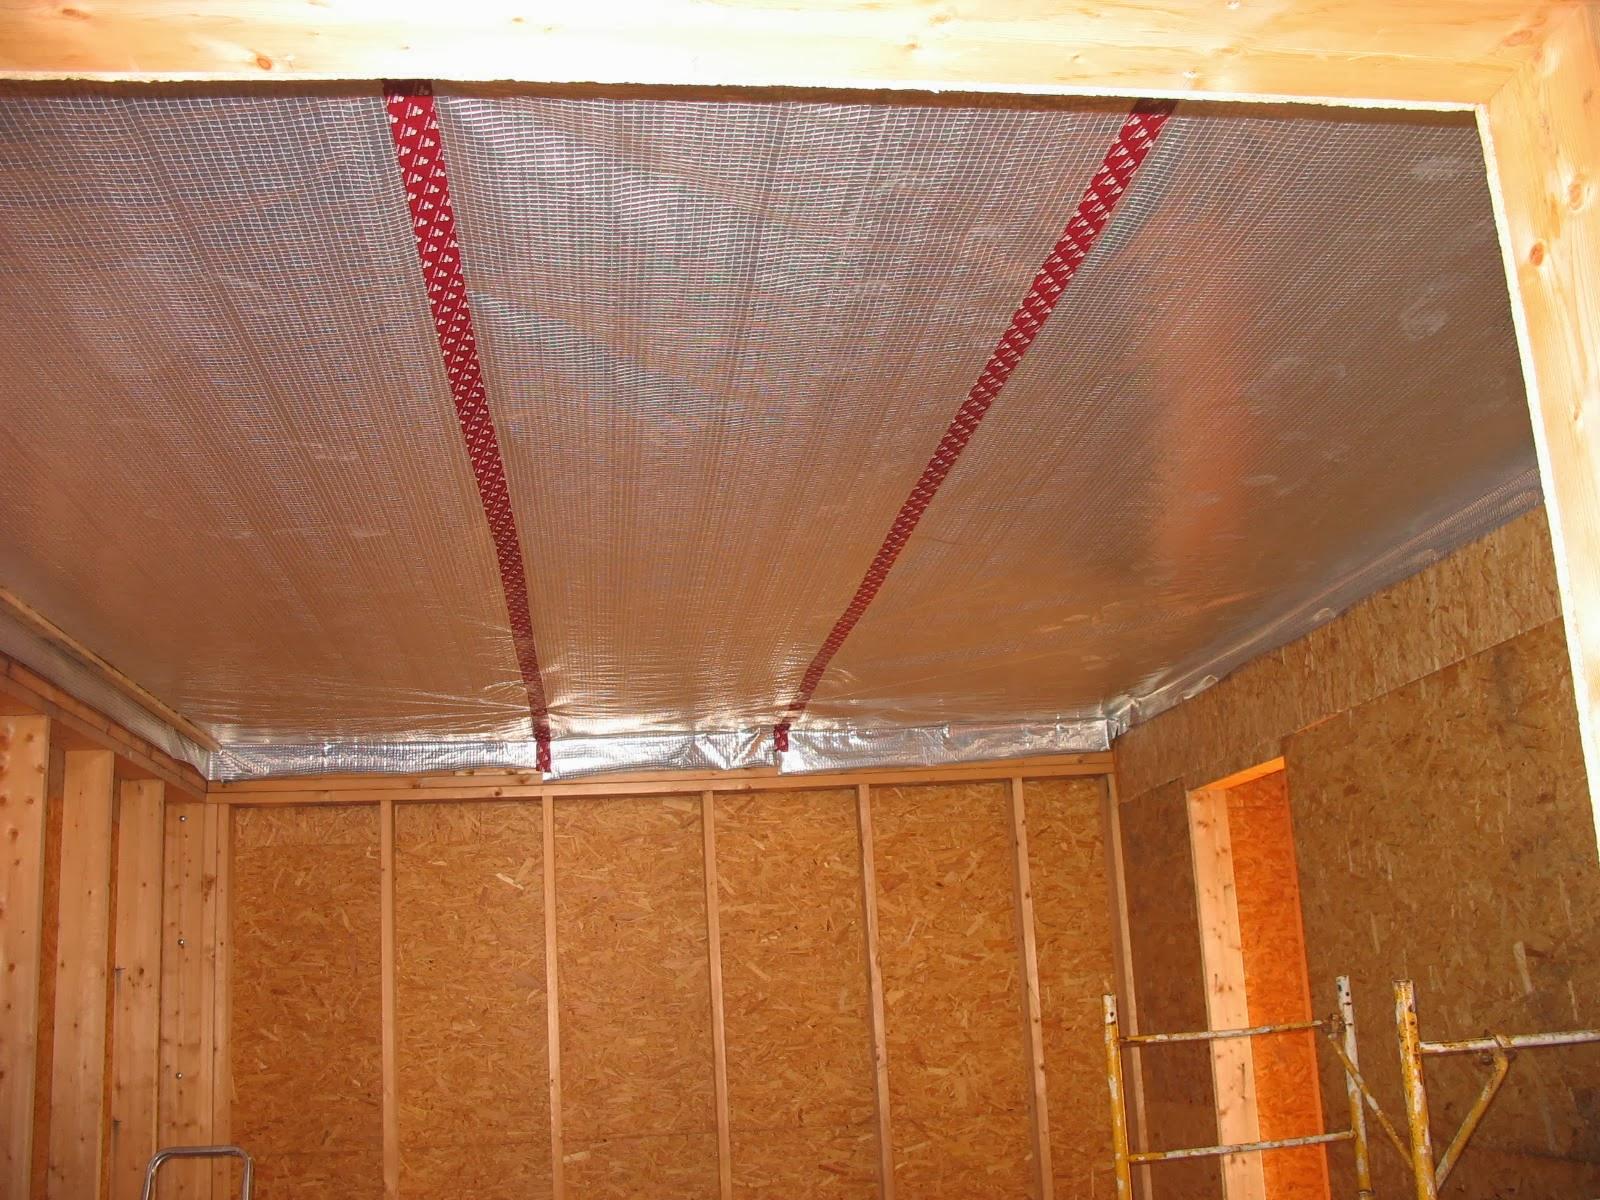 construire sa maison en bois pose du pare vapeur au plafond. Black Bedroom Furniture Sets. Home Design Ideas